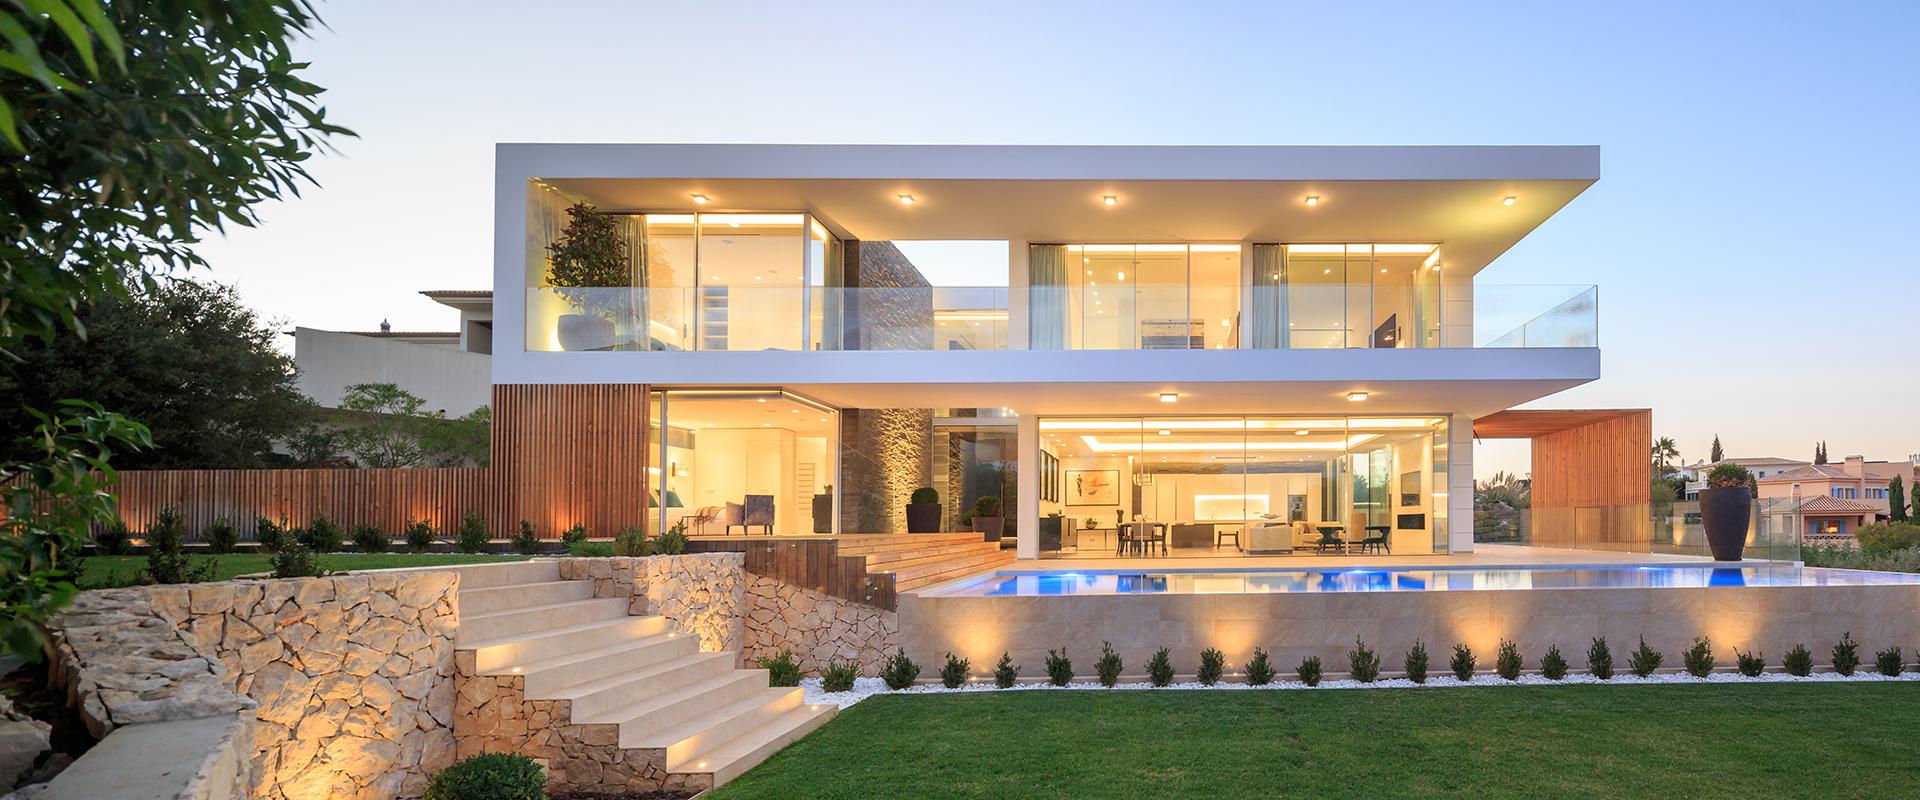 Luxury Villa Serena - Praia da Luz - Portugal